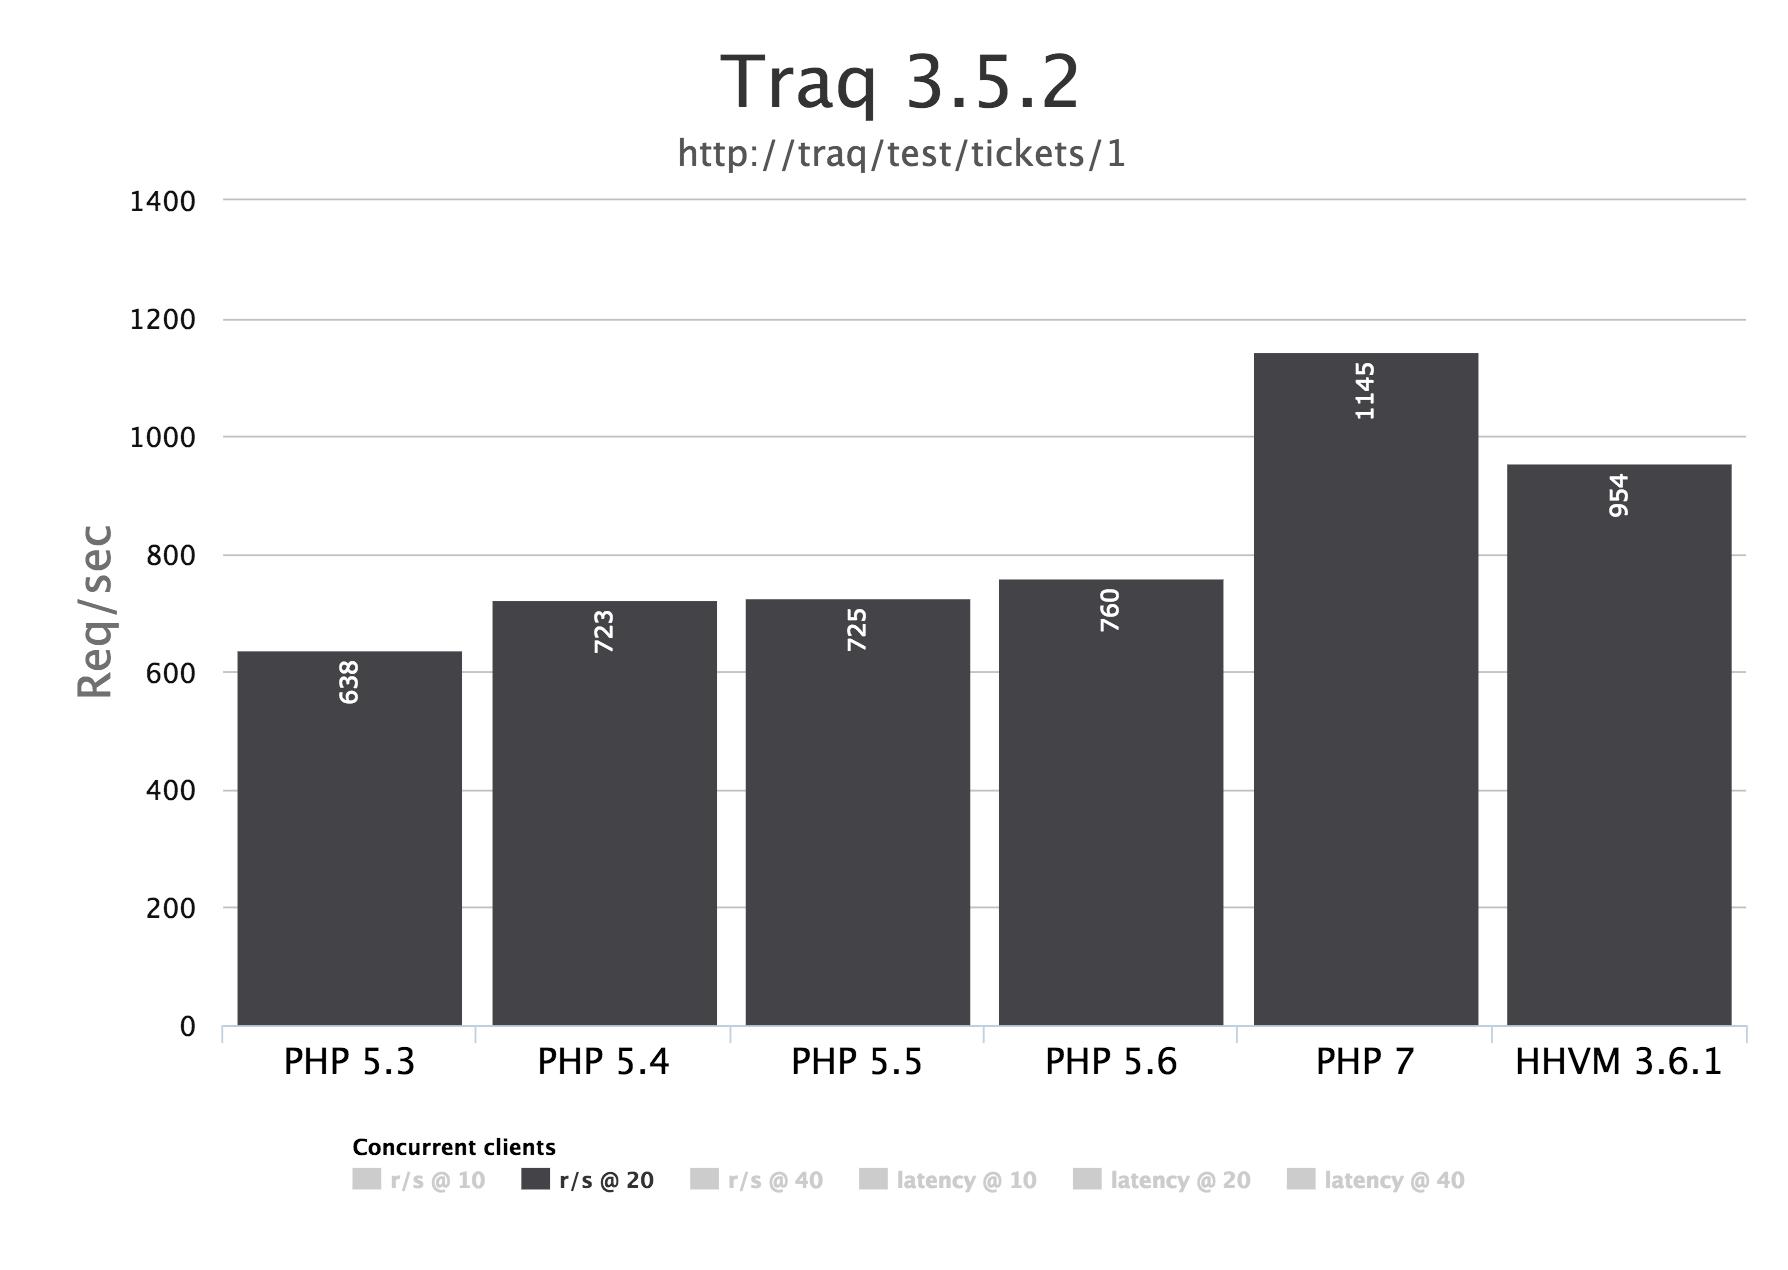 Traq 3.5.2